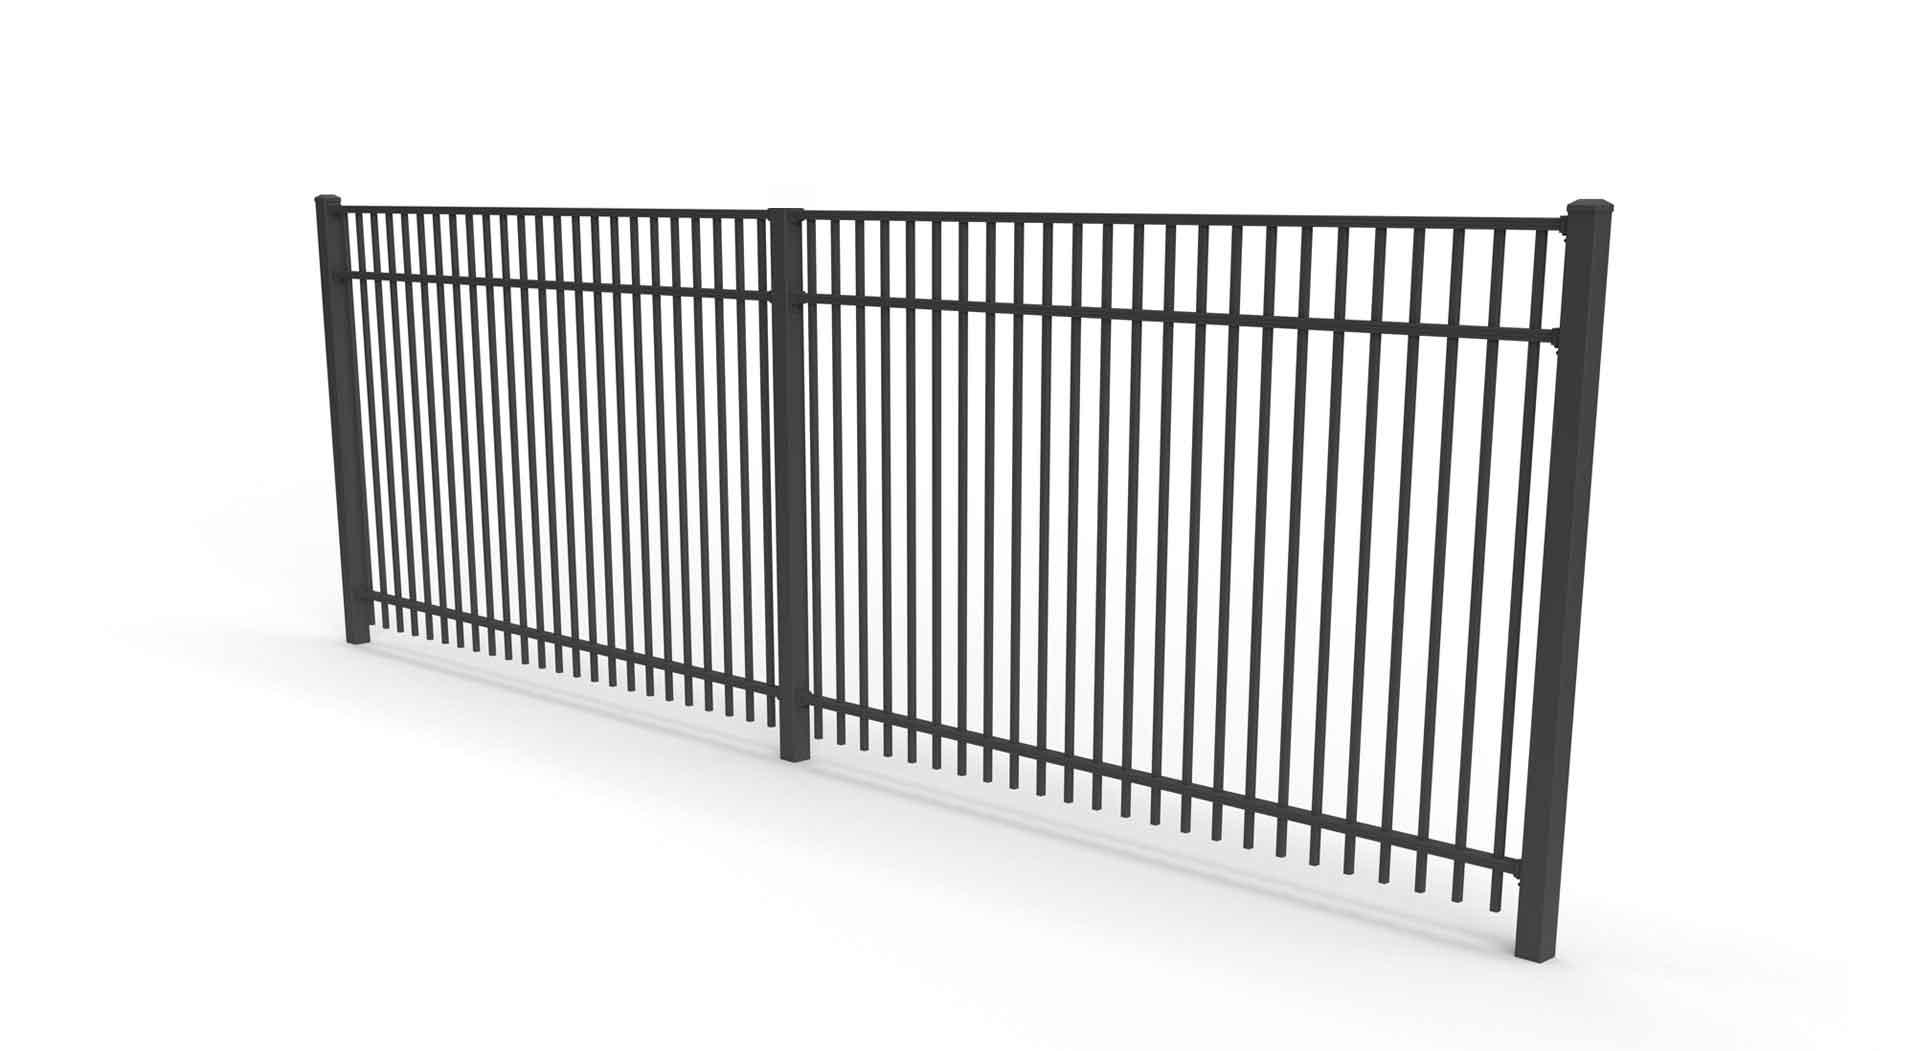 Assure Fence Panel aluminium